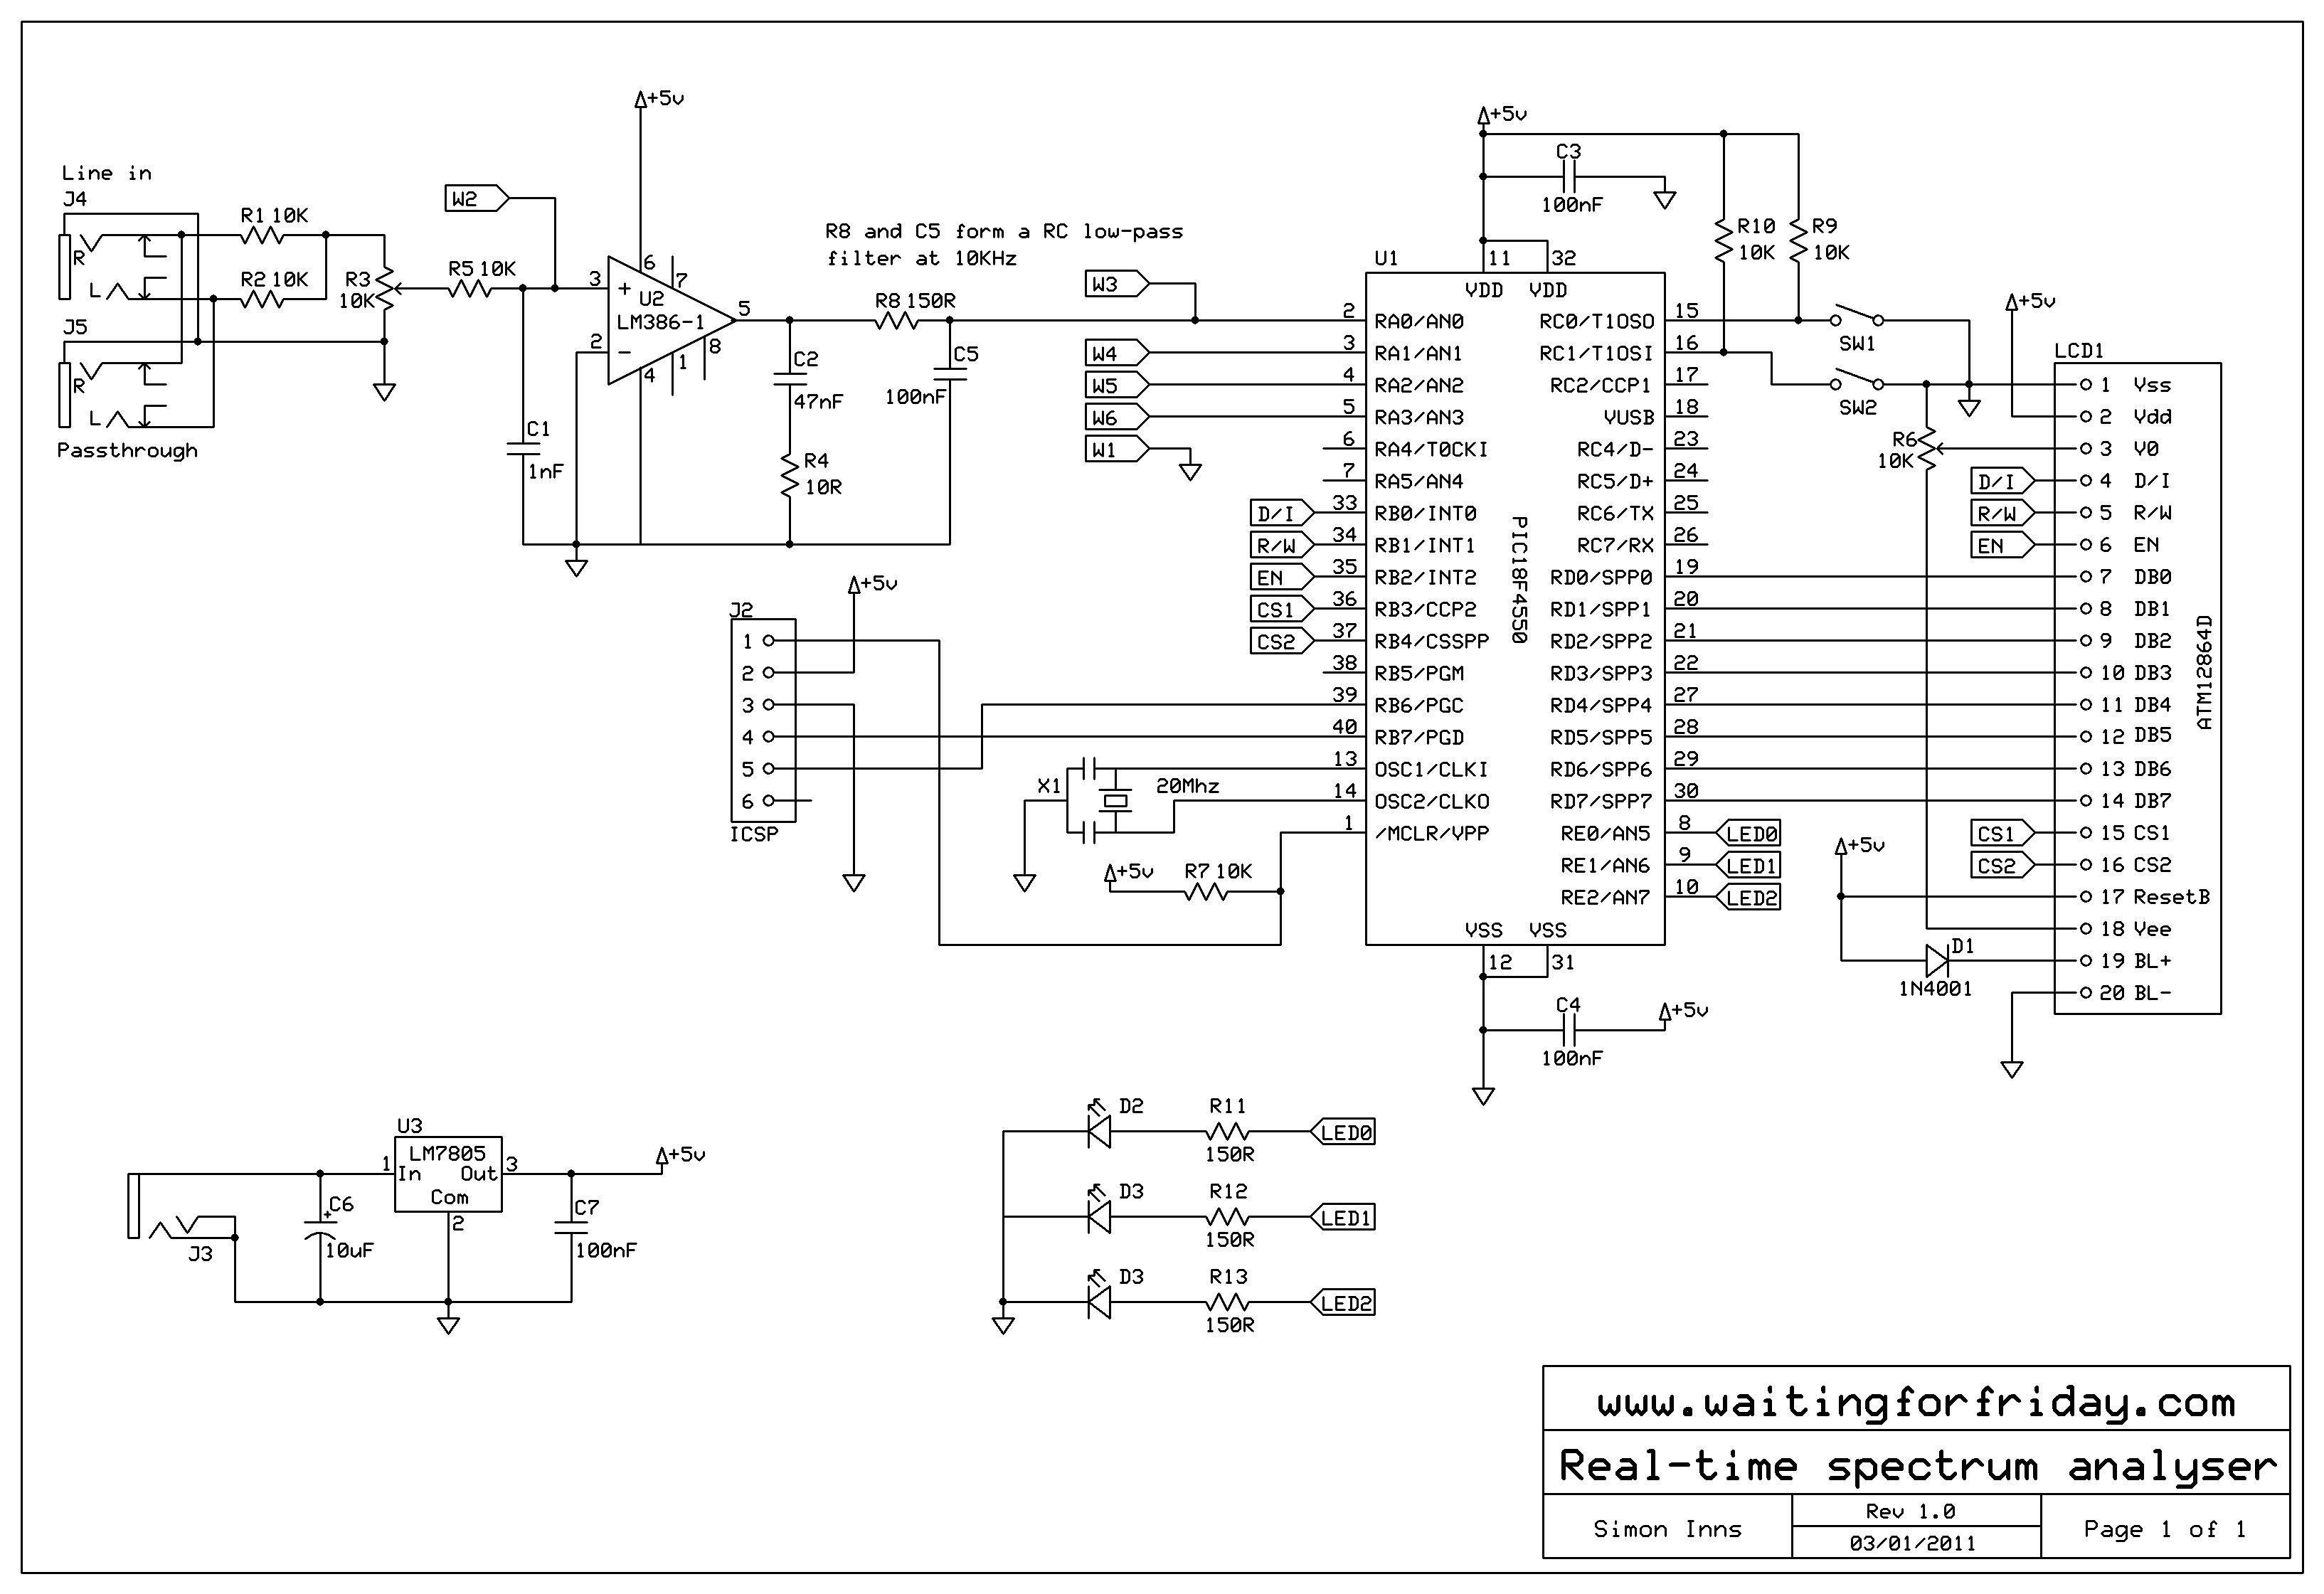 Принципиальная схема анализатора спектра.